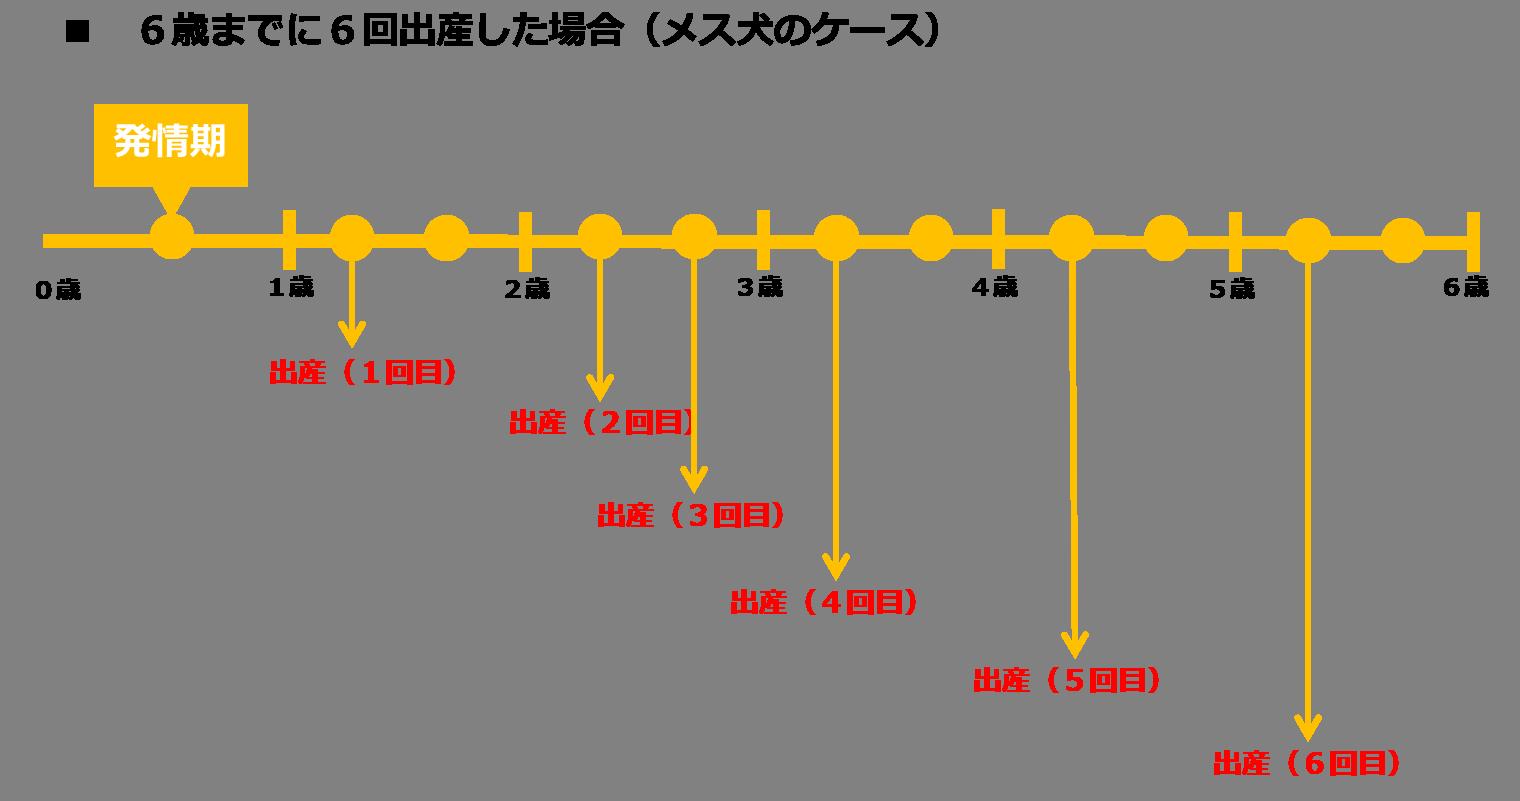 数値規制(メス犬は6歳で6回まで繁殖回数可能